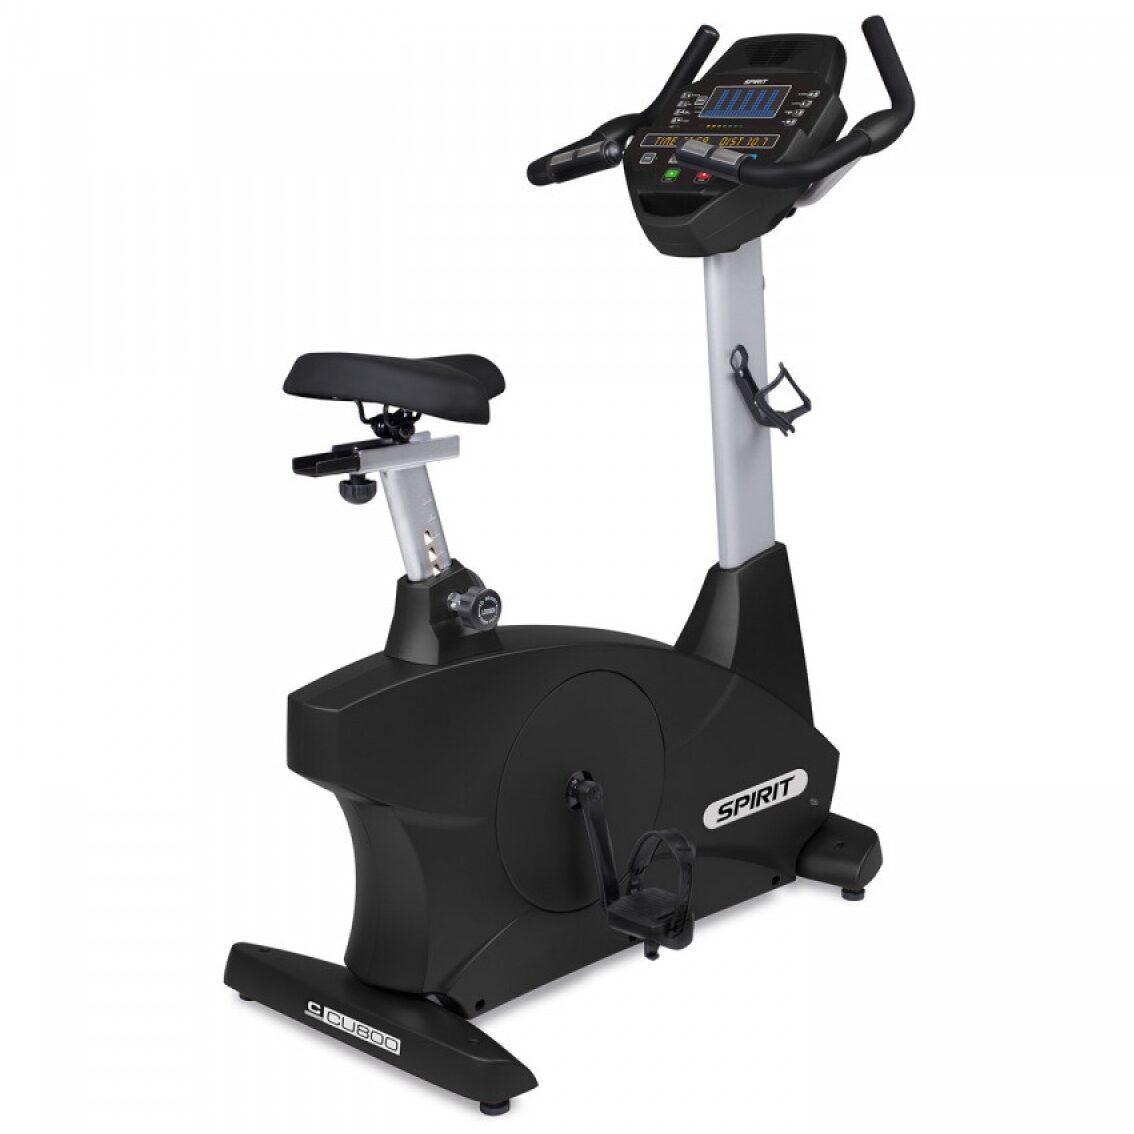 motionscykel bedst til prisen